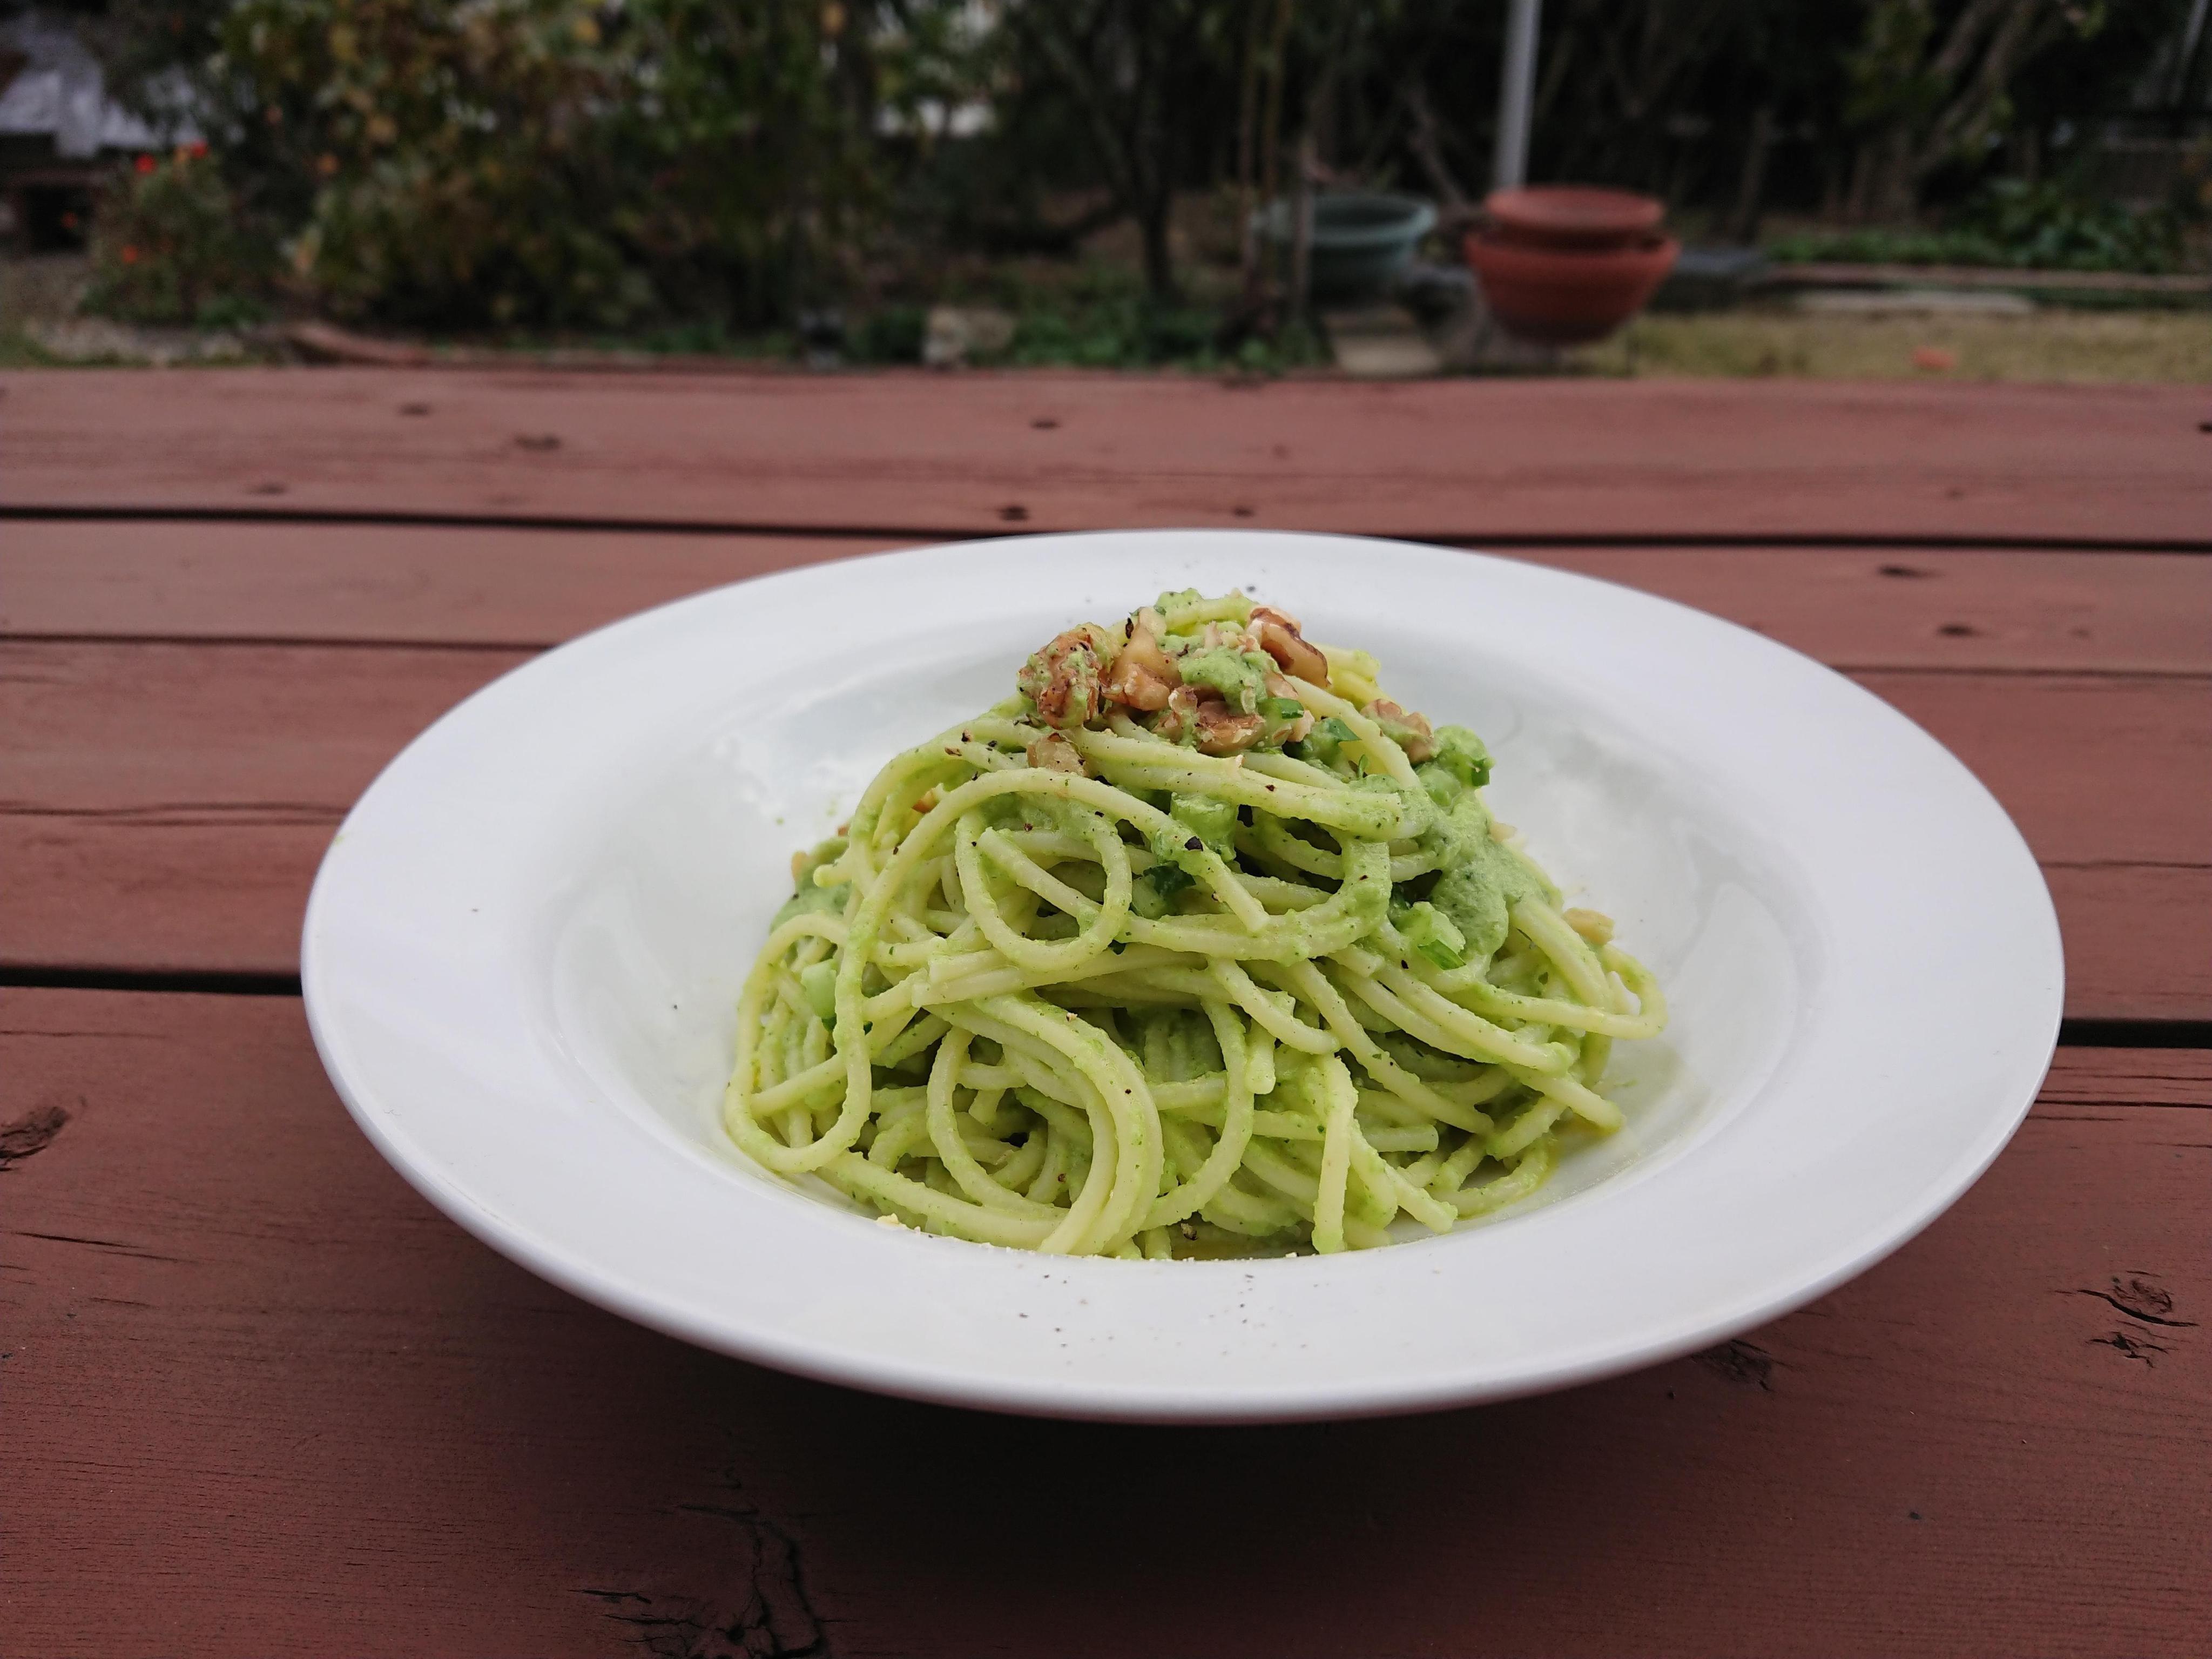 Pasta・かぶの葉のサルサヴェルデ